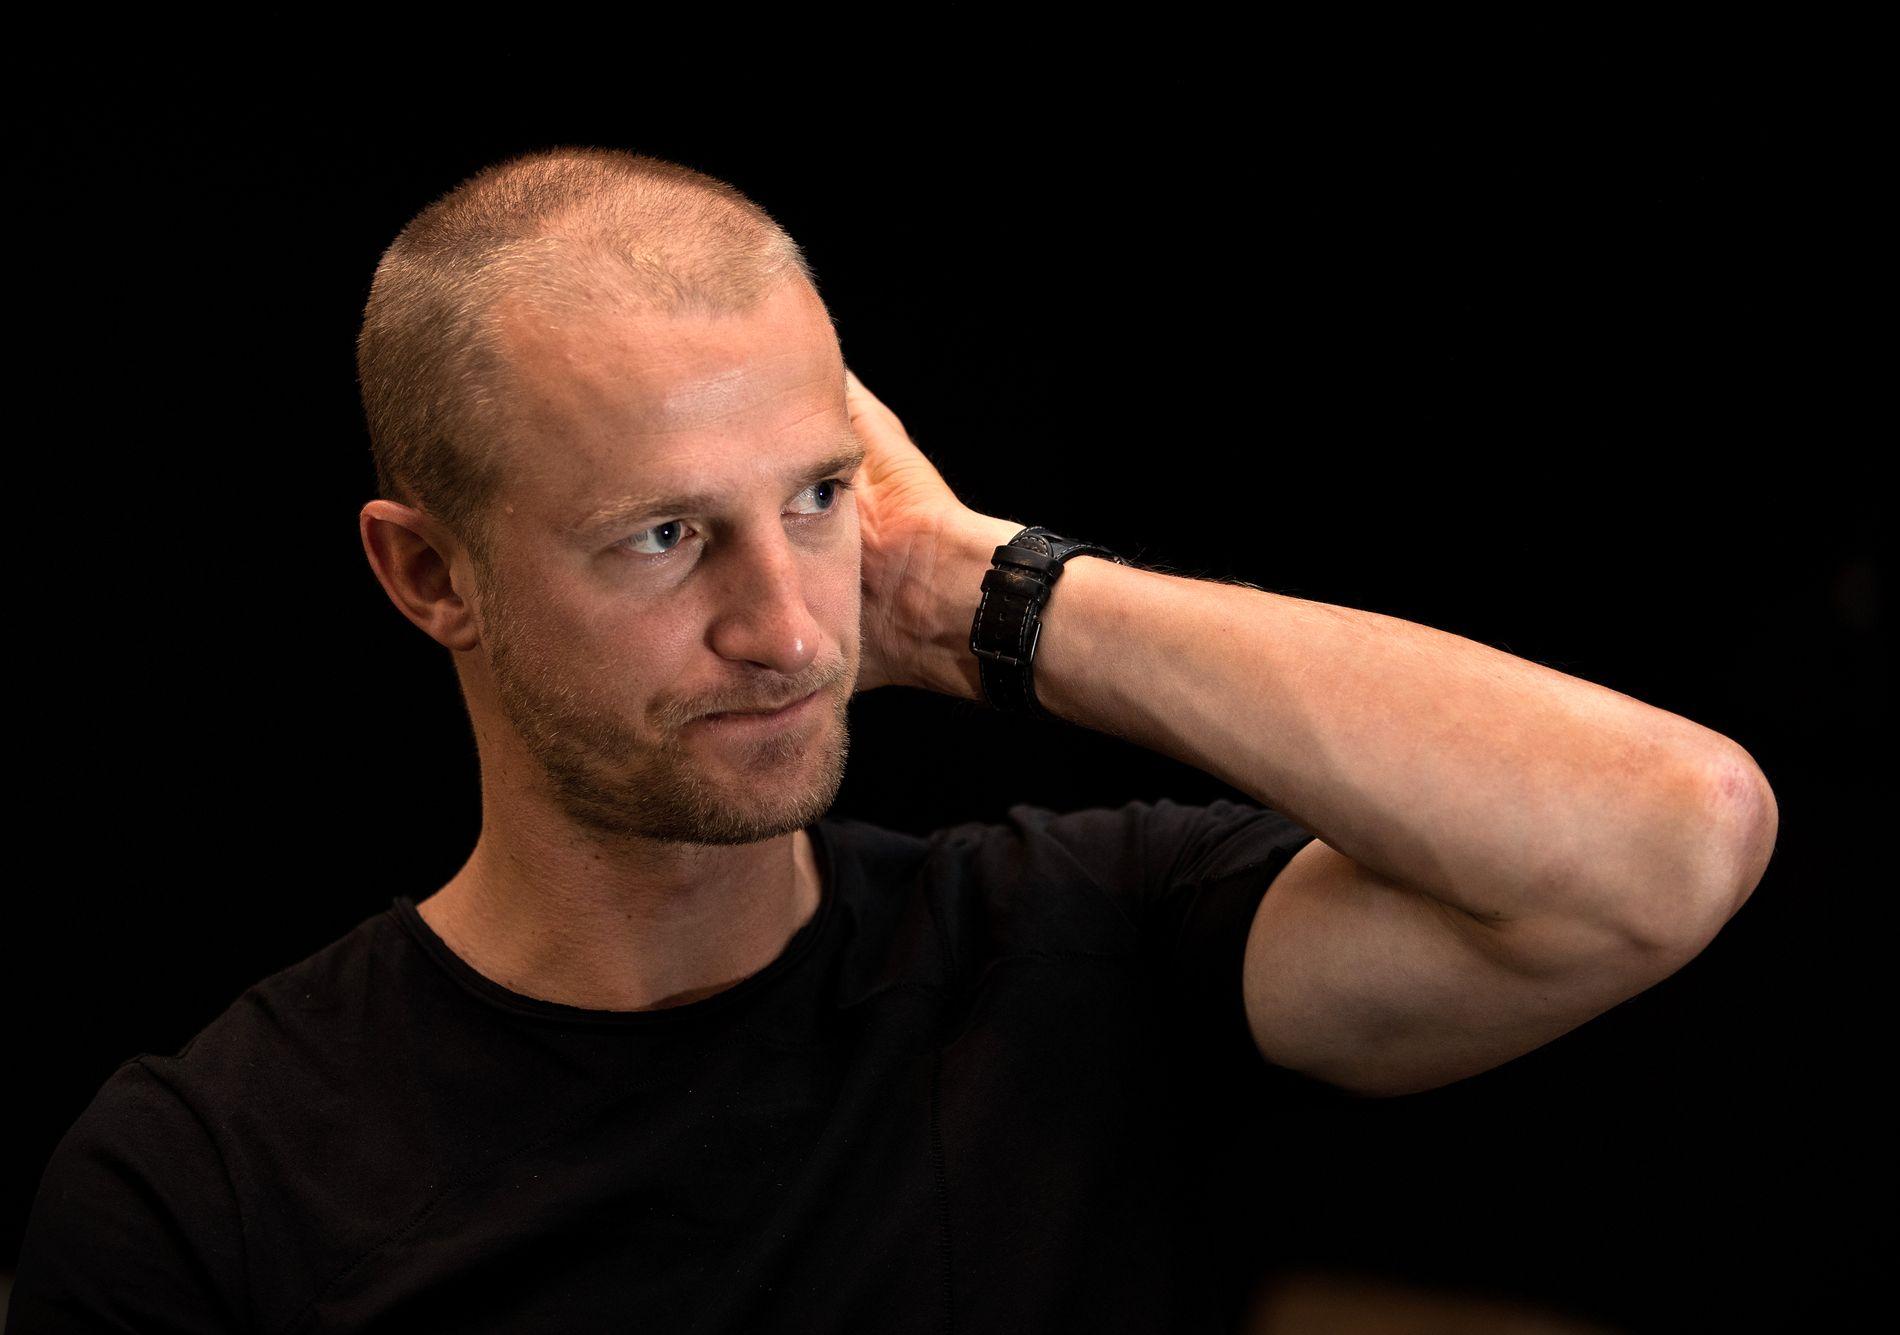 TV2-ekspert Brede Hangeland var sterkt VAR-kritisk etter en annullering i kampen mellom West Ham og Manchester City.